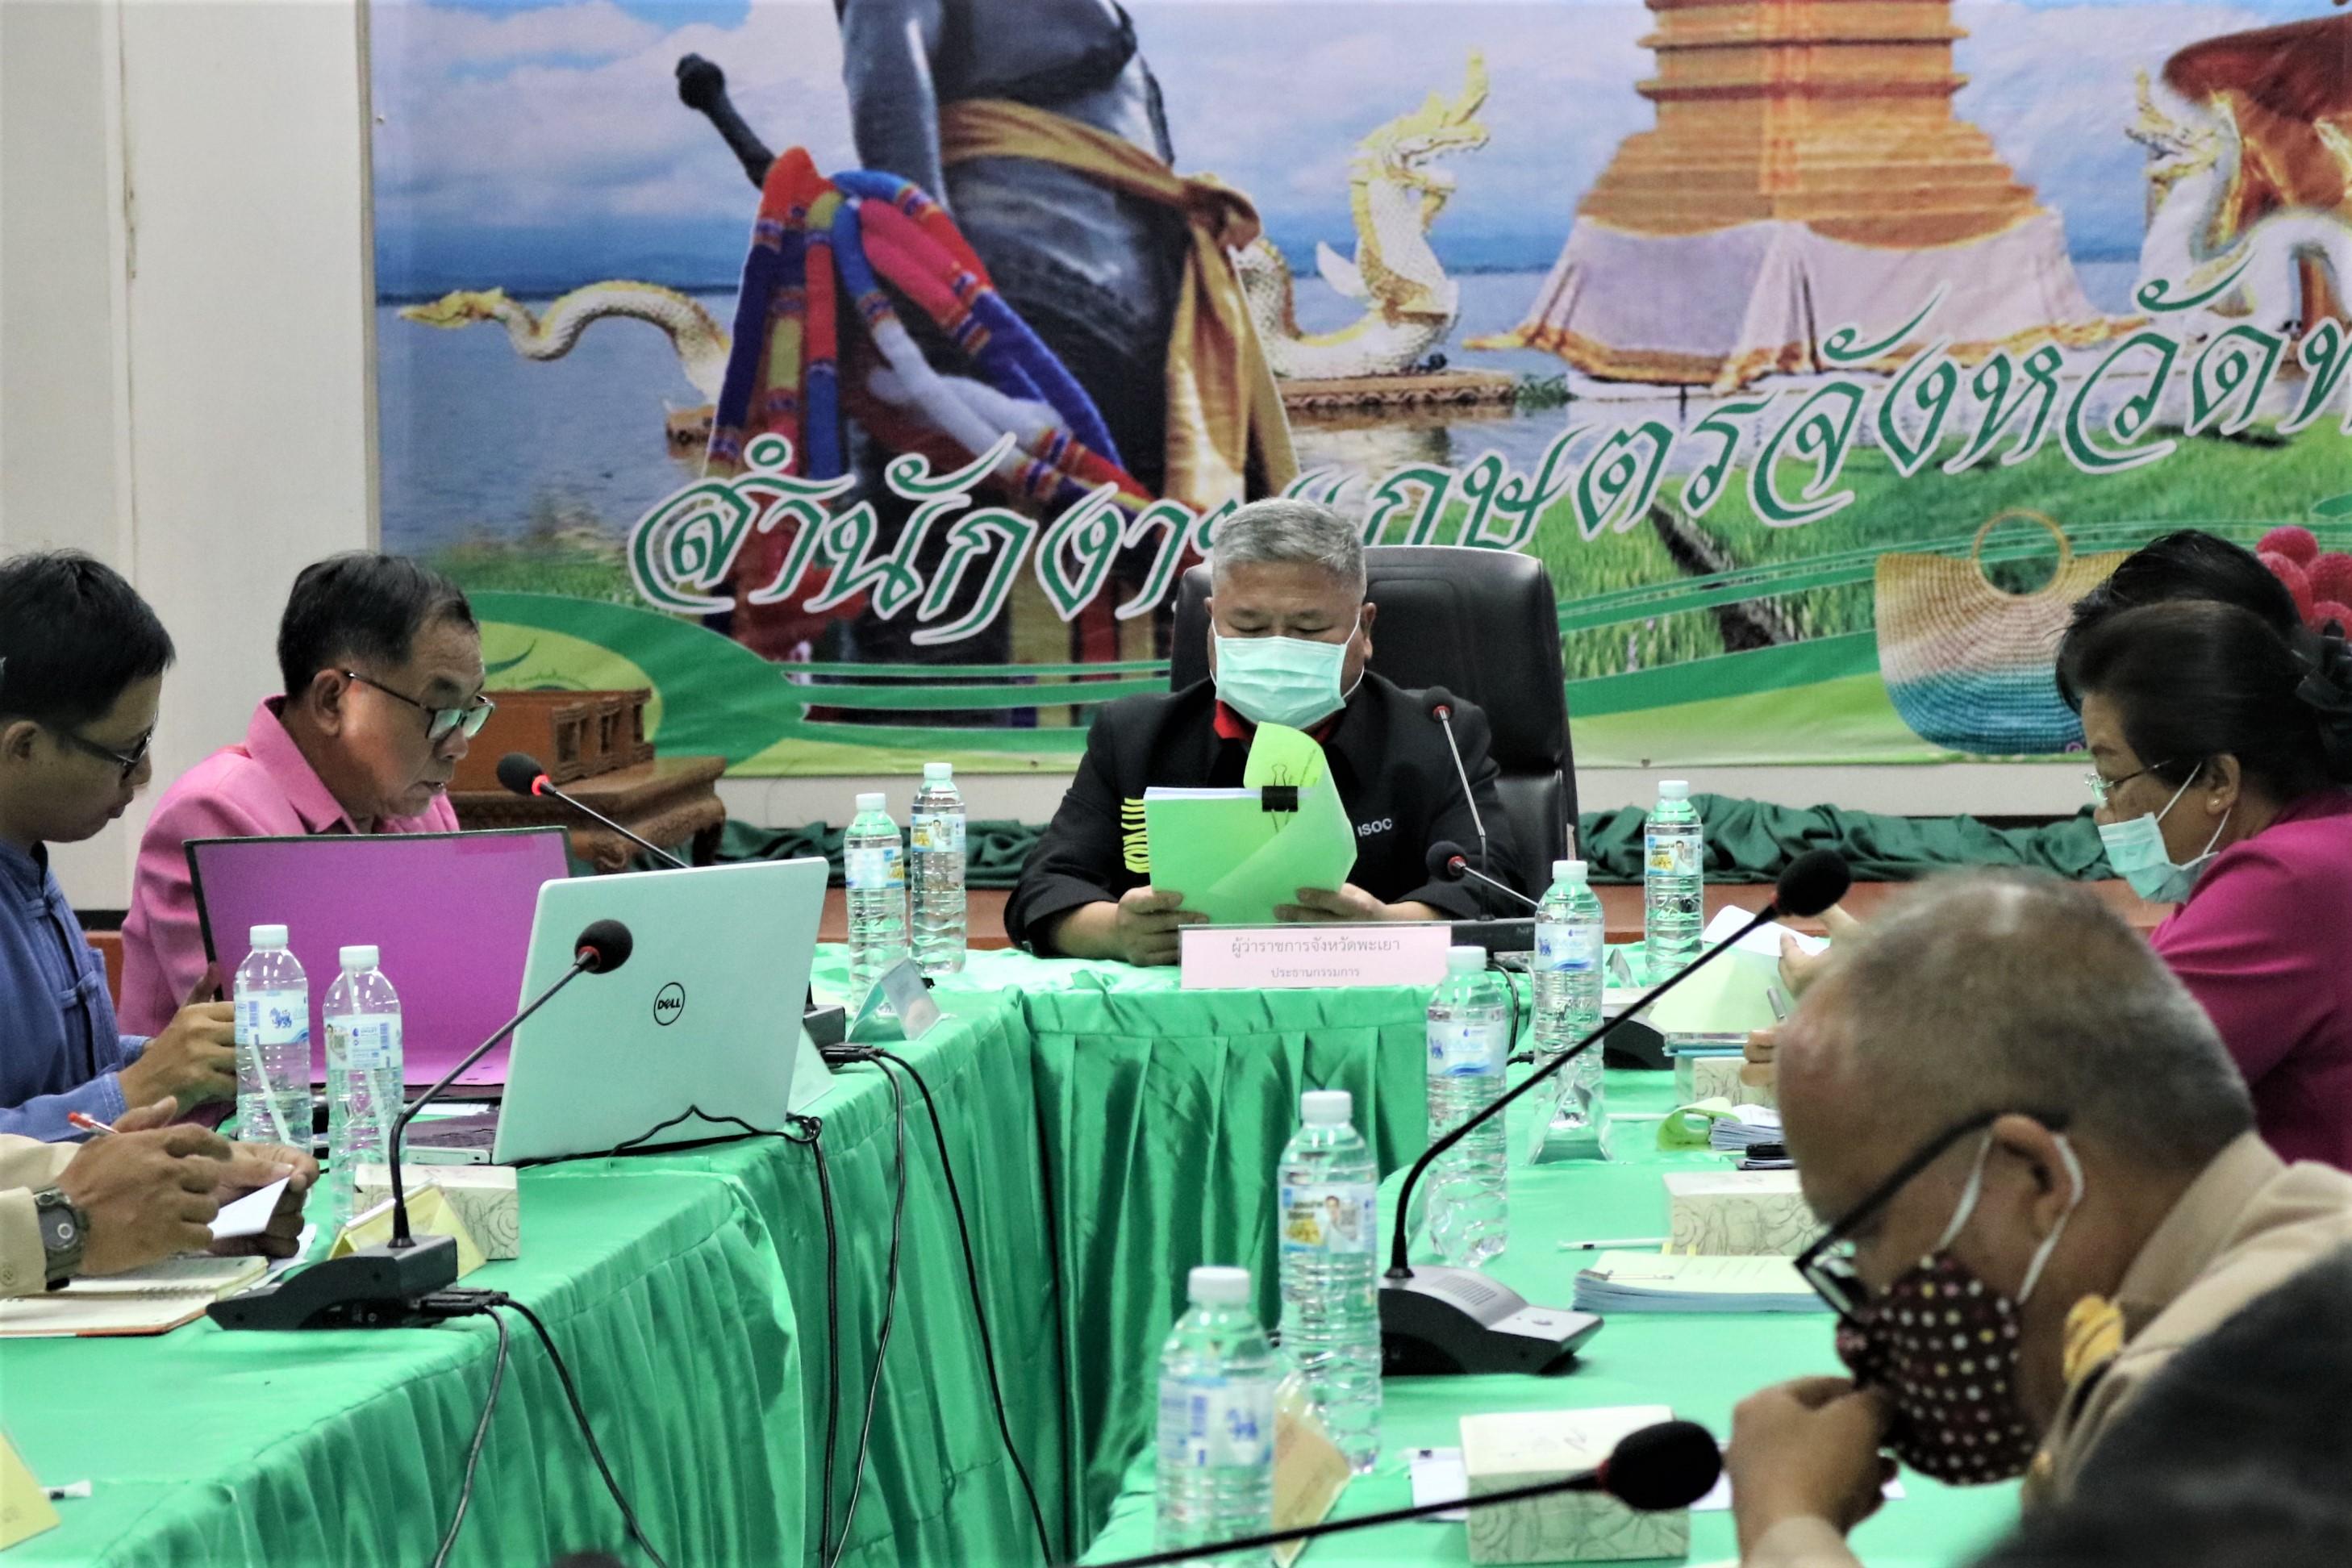 การประชุมคณะกรรมการบริหารโครงการเยียวยาเกษตรกรชาวสวนลำไย ปี 2563 ระดับจังหวัด (จังหวัดพะเยา)